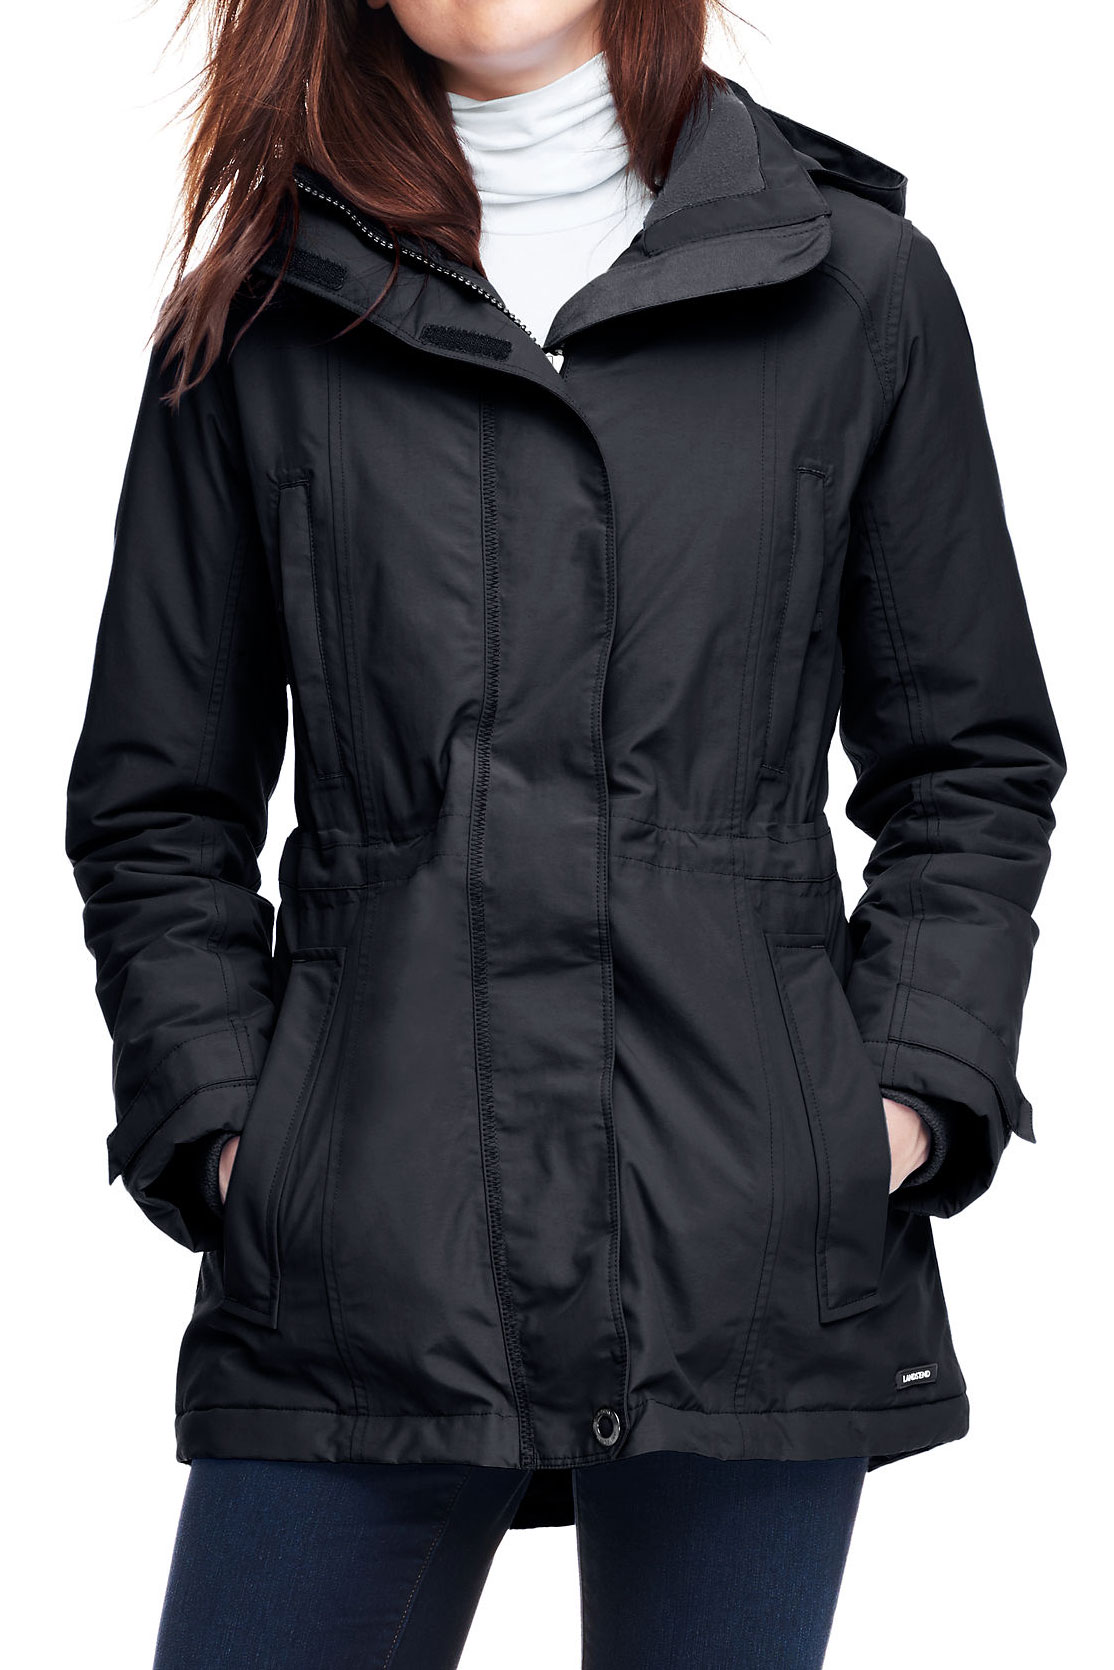 Popular Winter Jackets | Designer Jackets